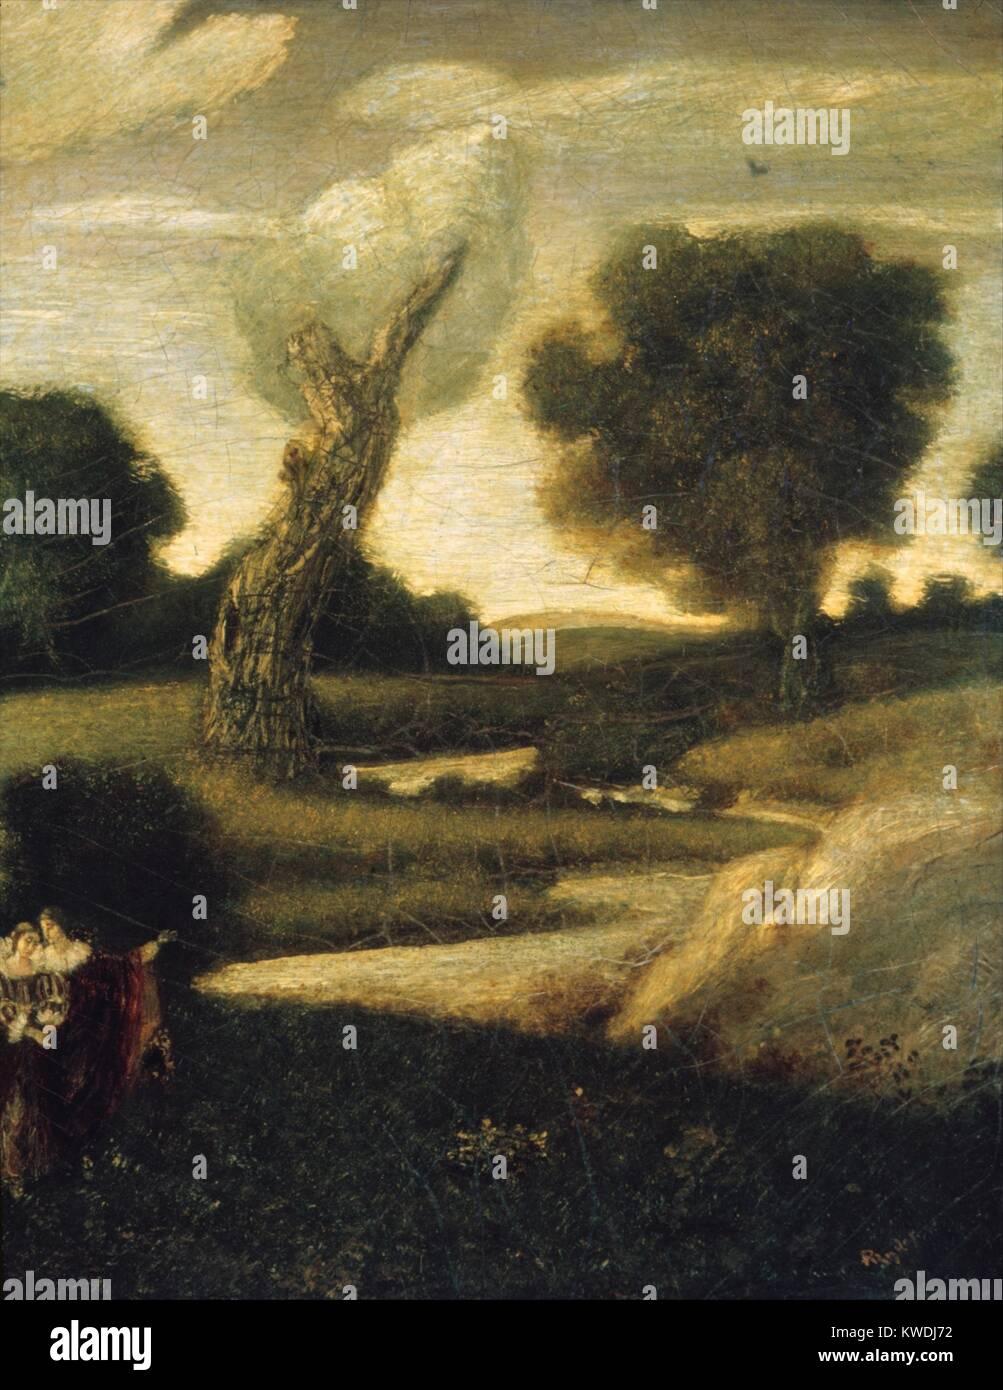 El bosque de arden, por Albert Pinkham Ryder, 1888-1908, la pintura norteamericana, óleo sobre lienzo. El título Foto de stock